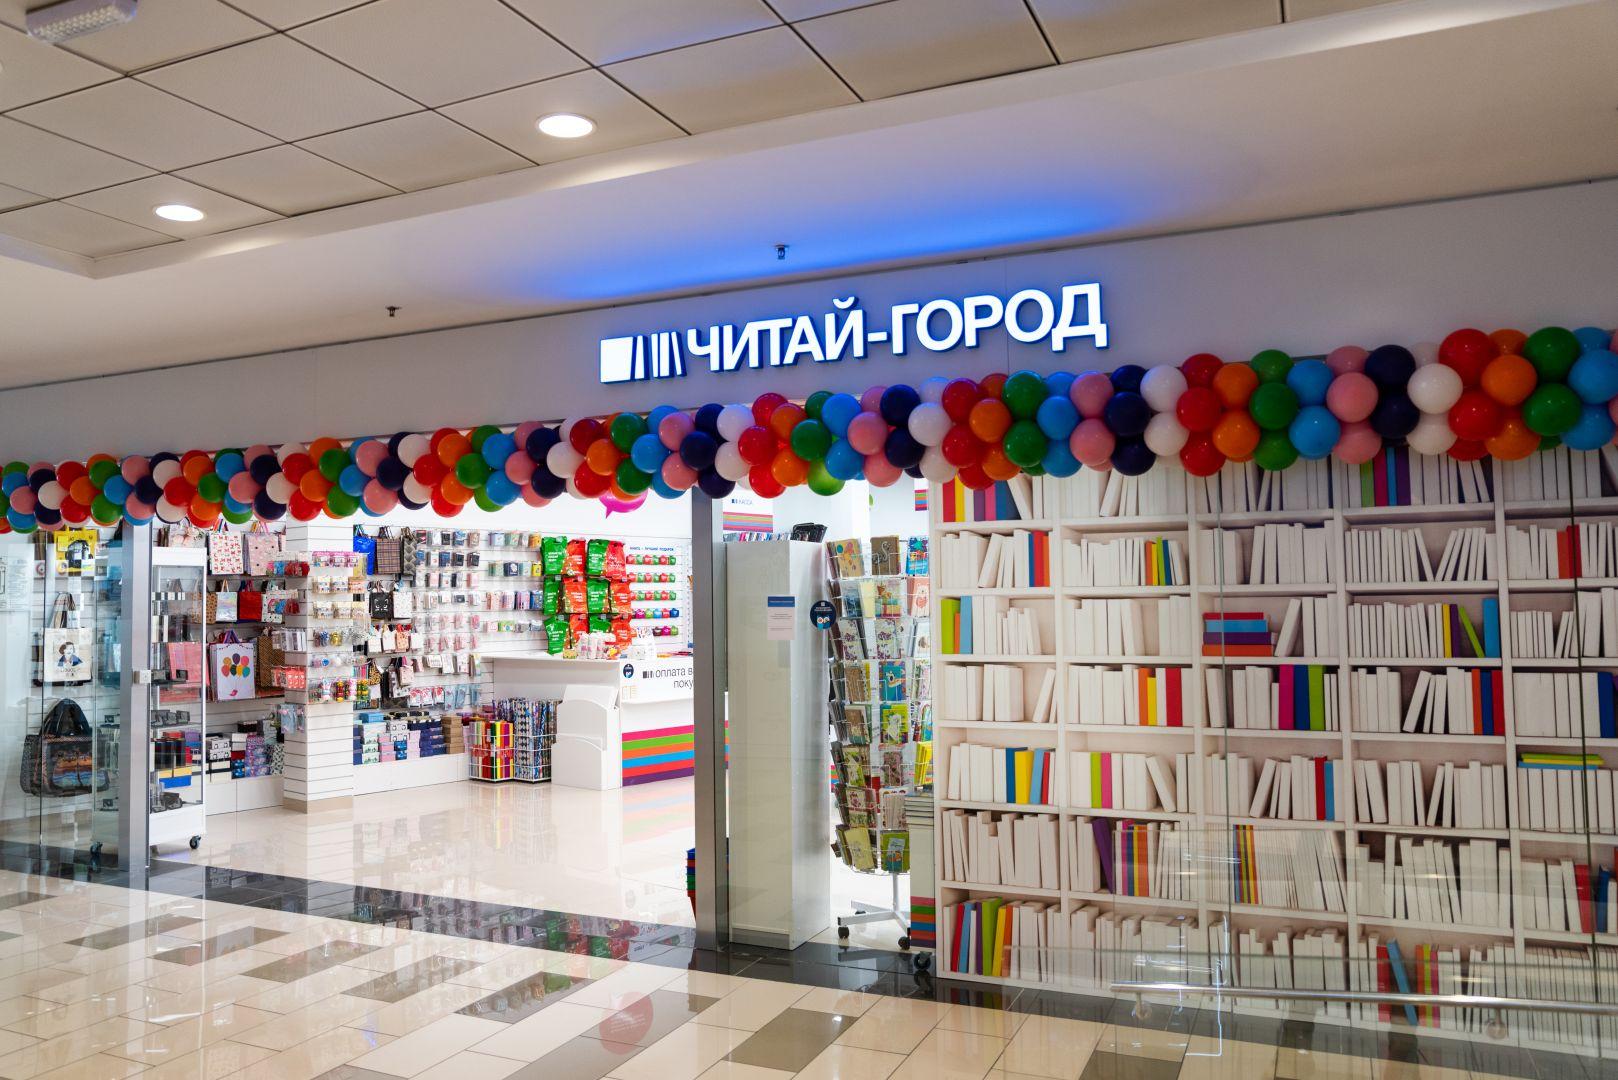 Читай Город Магазин Официальный Сайт Ставрополь